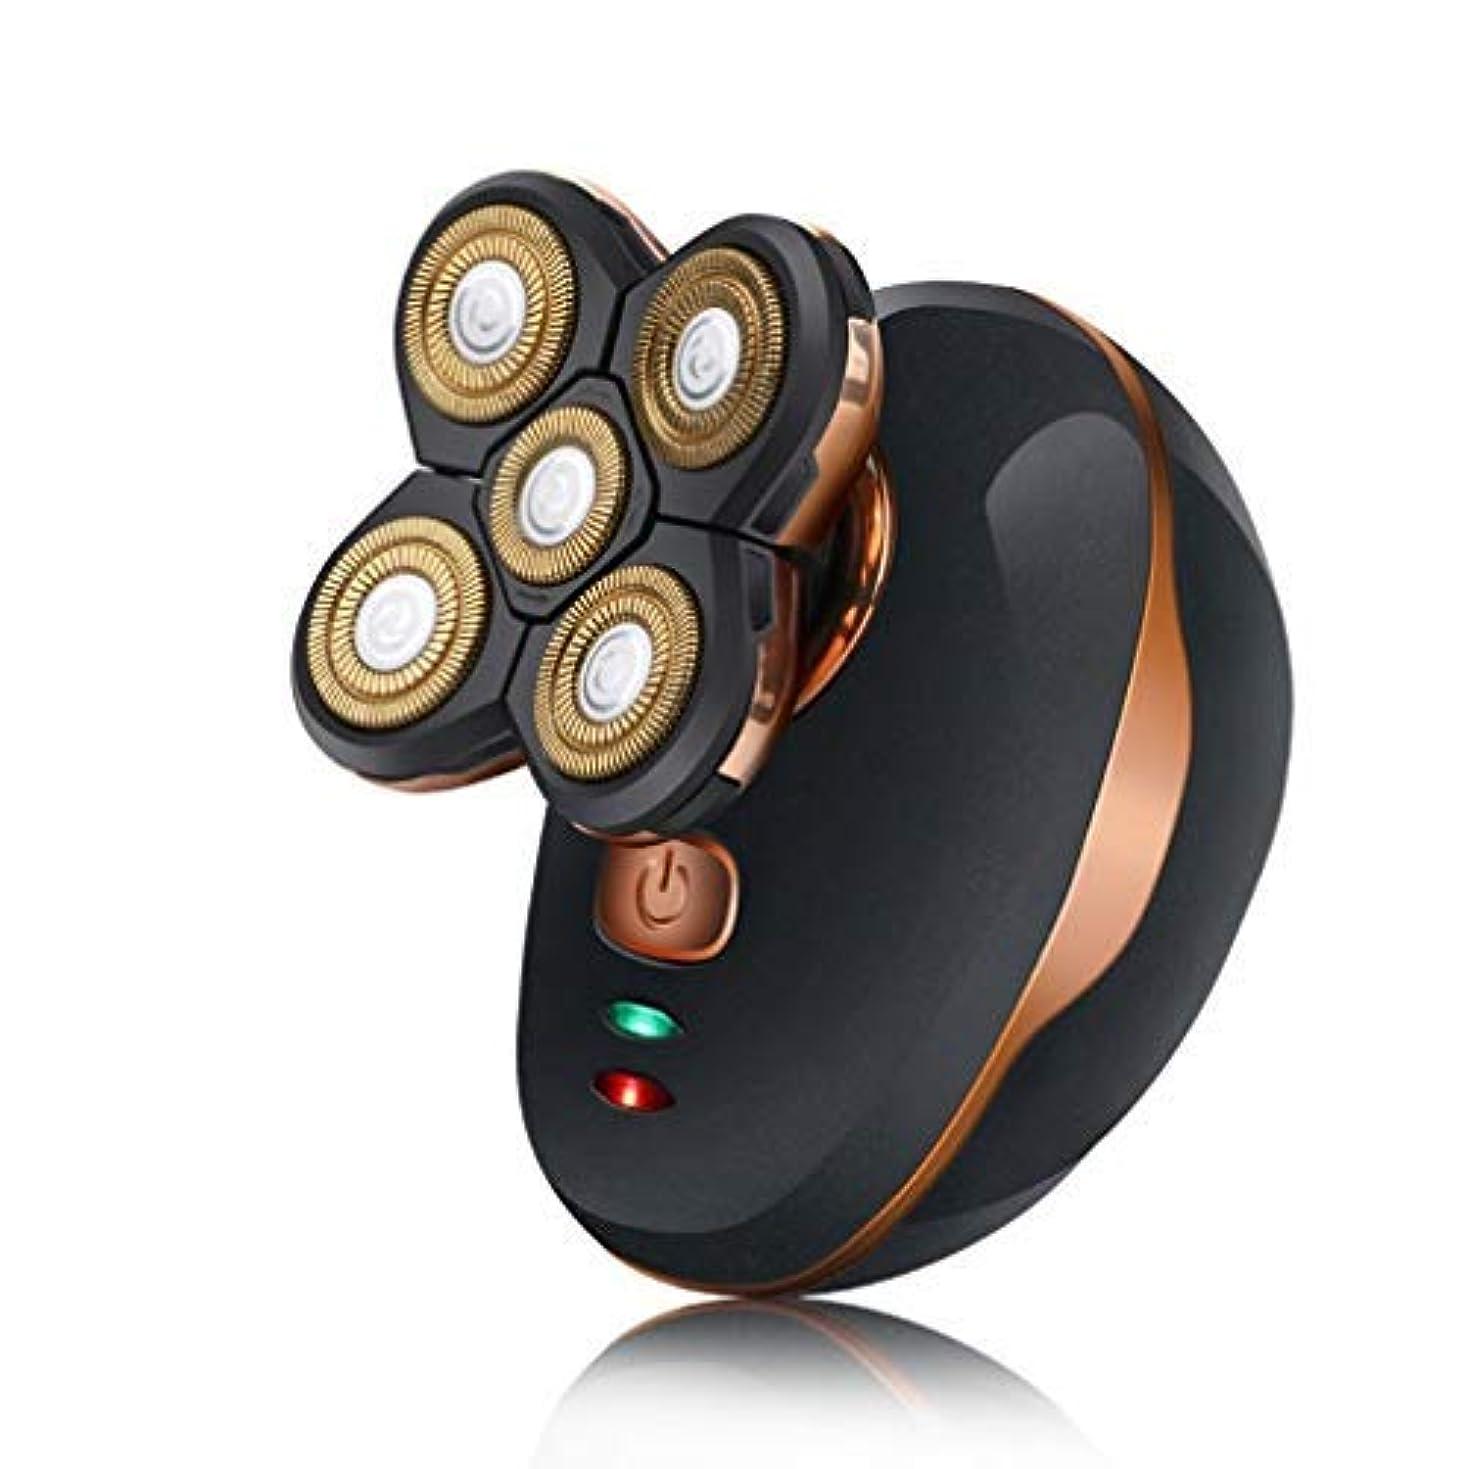 クリープ不要レルム耐久性のある一般的な5頭防水シェービング刃カミソリ電気シェーバー用USB充電式ウェットドライポータブル